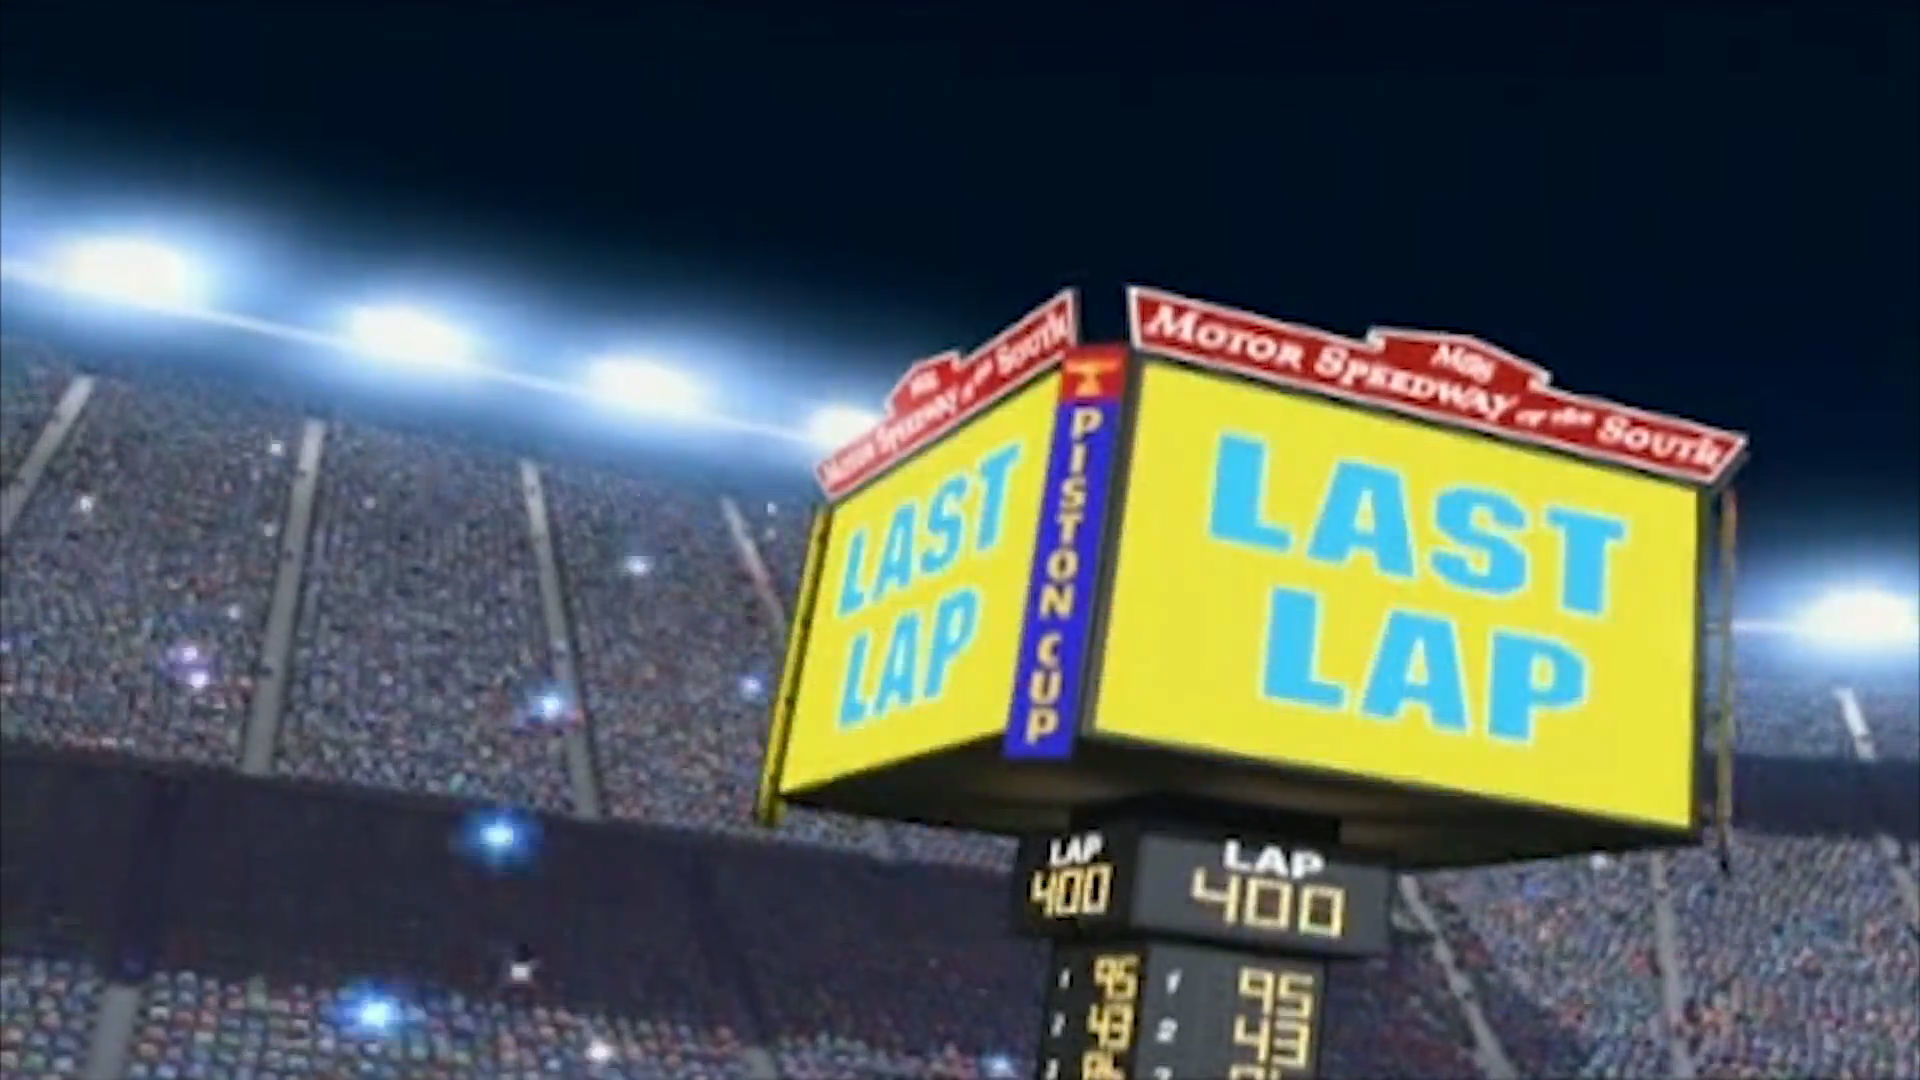 Last Lap - Cars